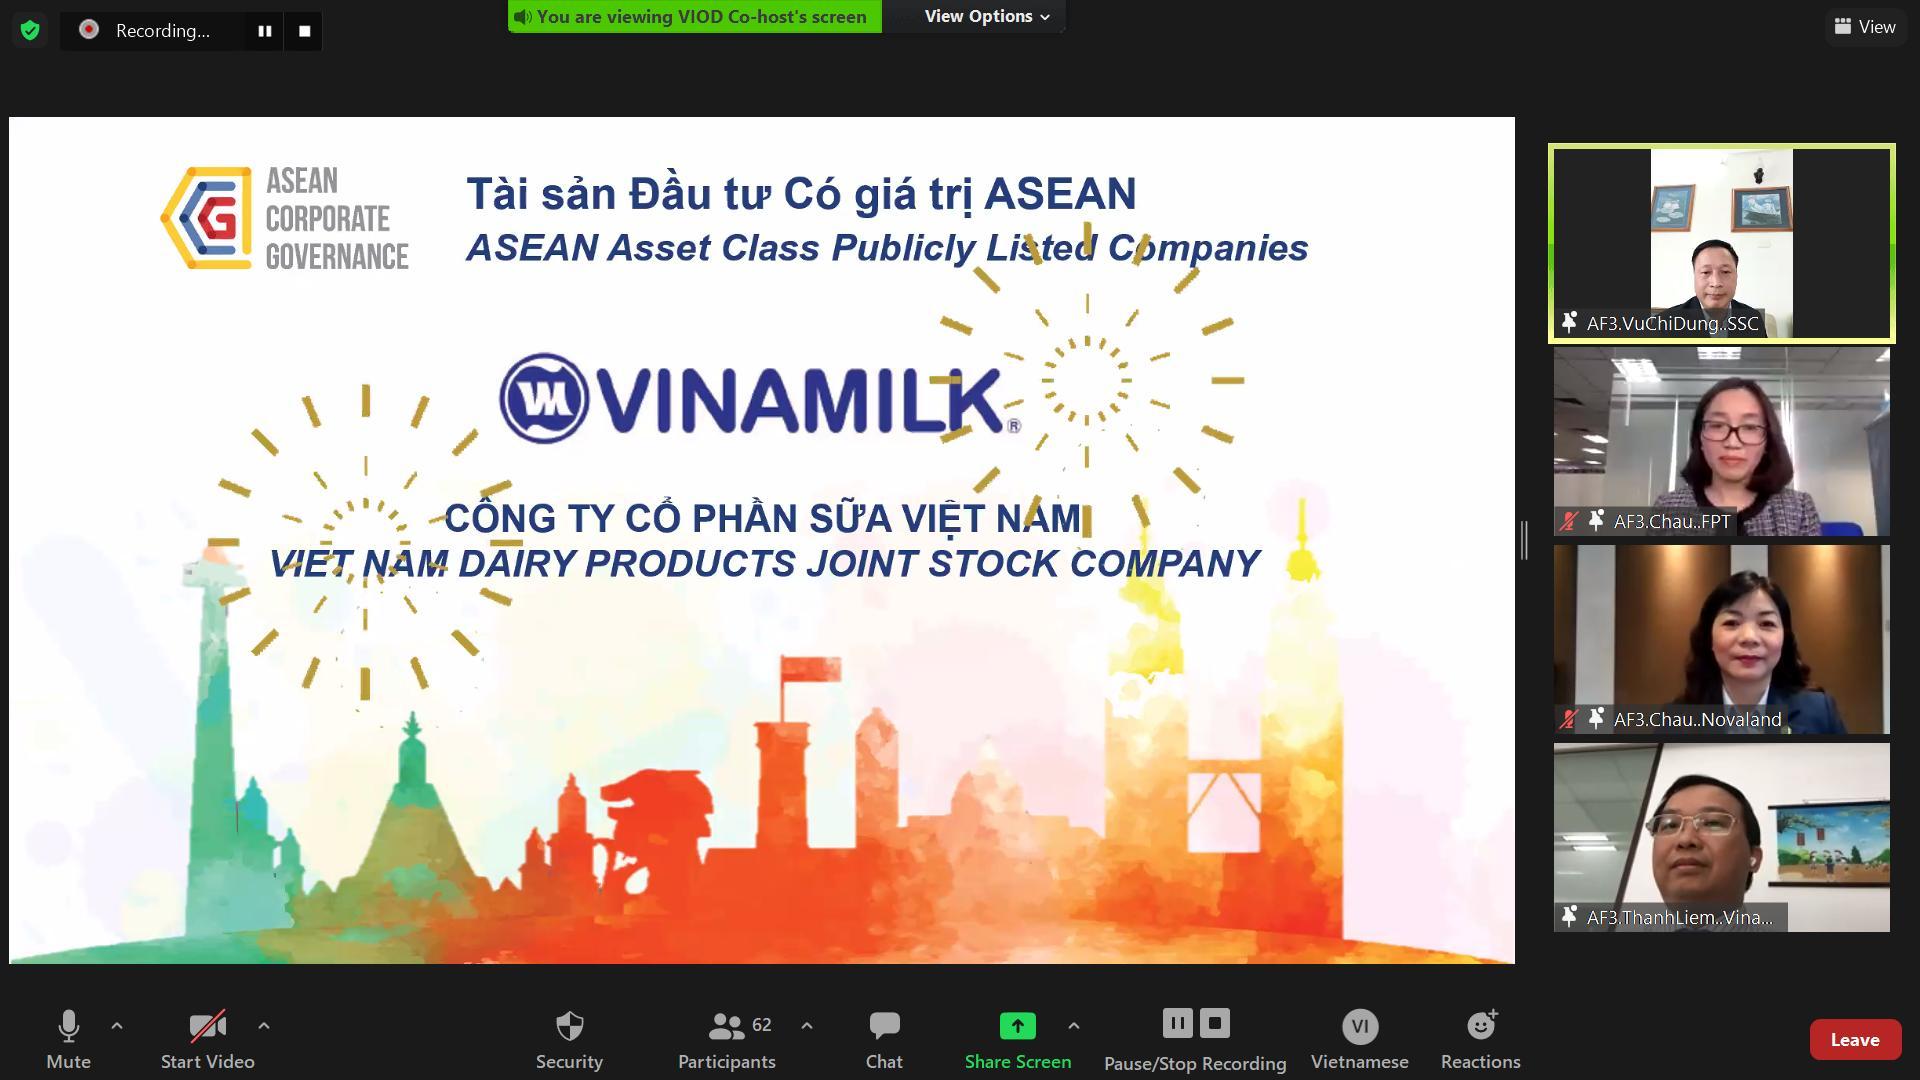 Vinamilk dẫn đầu tại Việt Nam và thuộc top Asean về quản trị công ty - Ảnh 1.